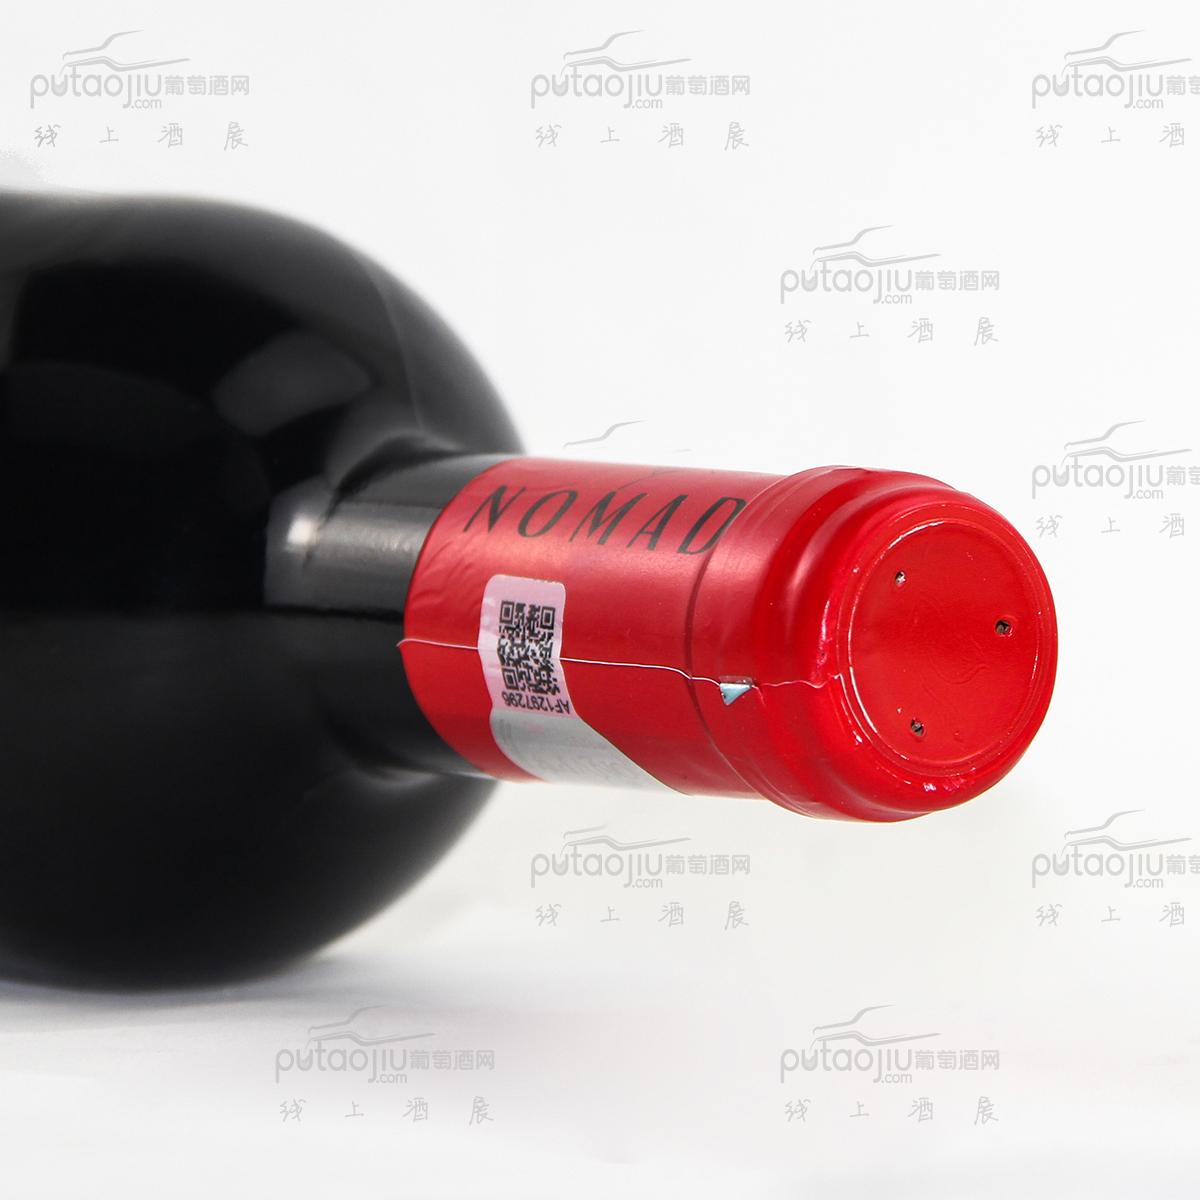 罗马尼亚蒙特尼山丘罗布酒庄诺玛德赤霞珠干红葡萄酒